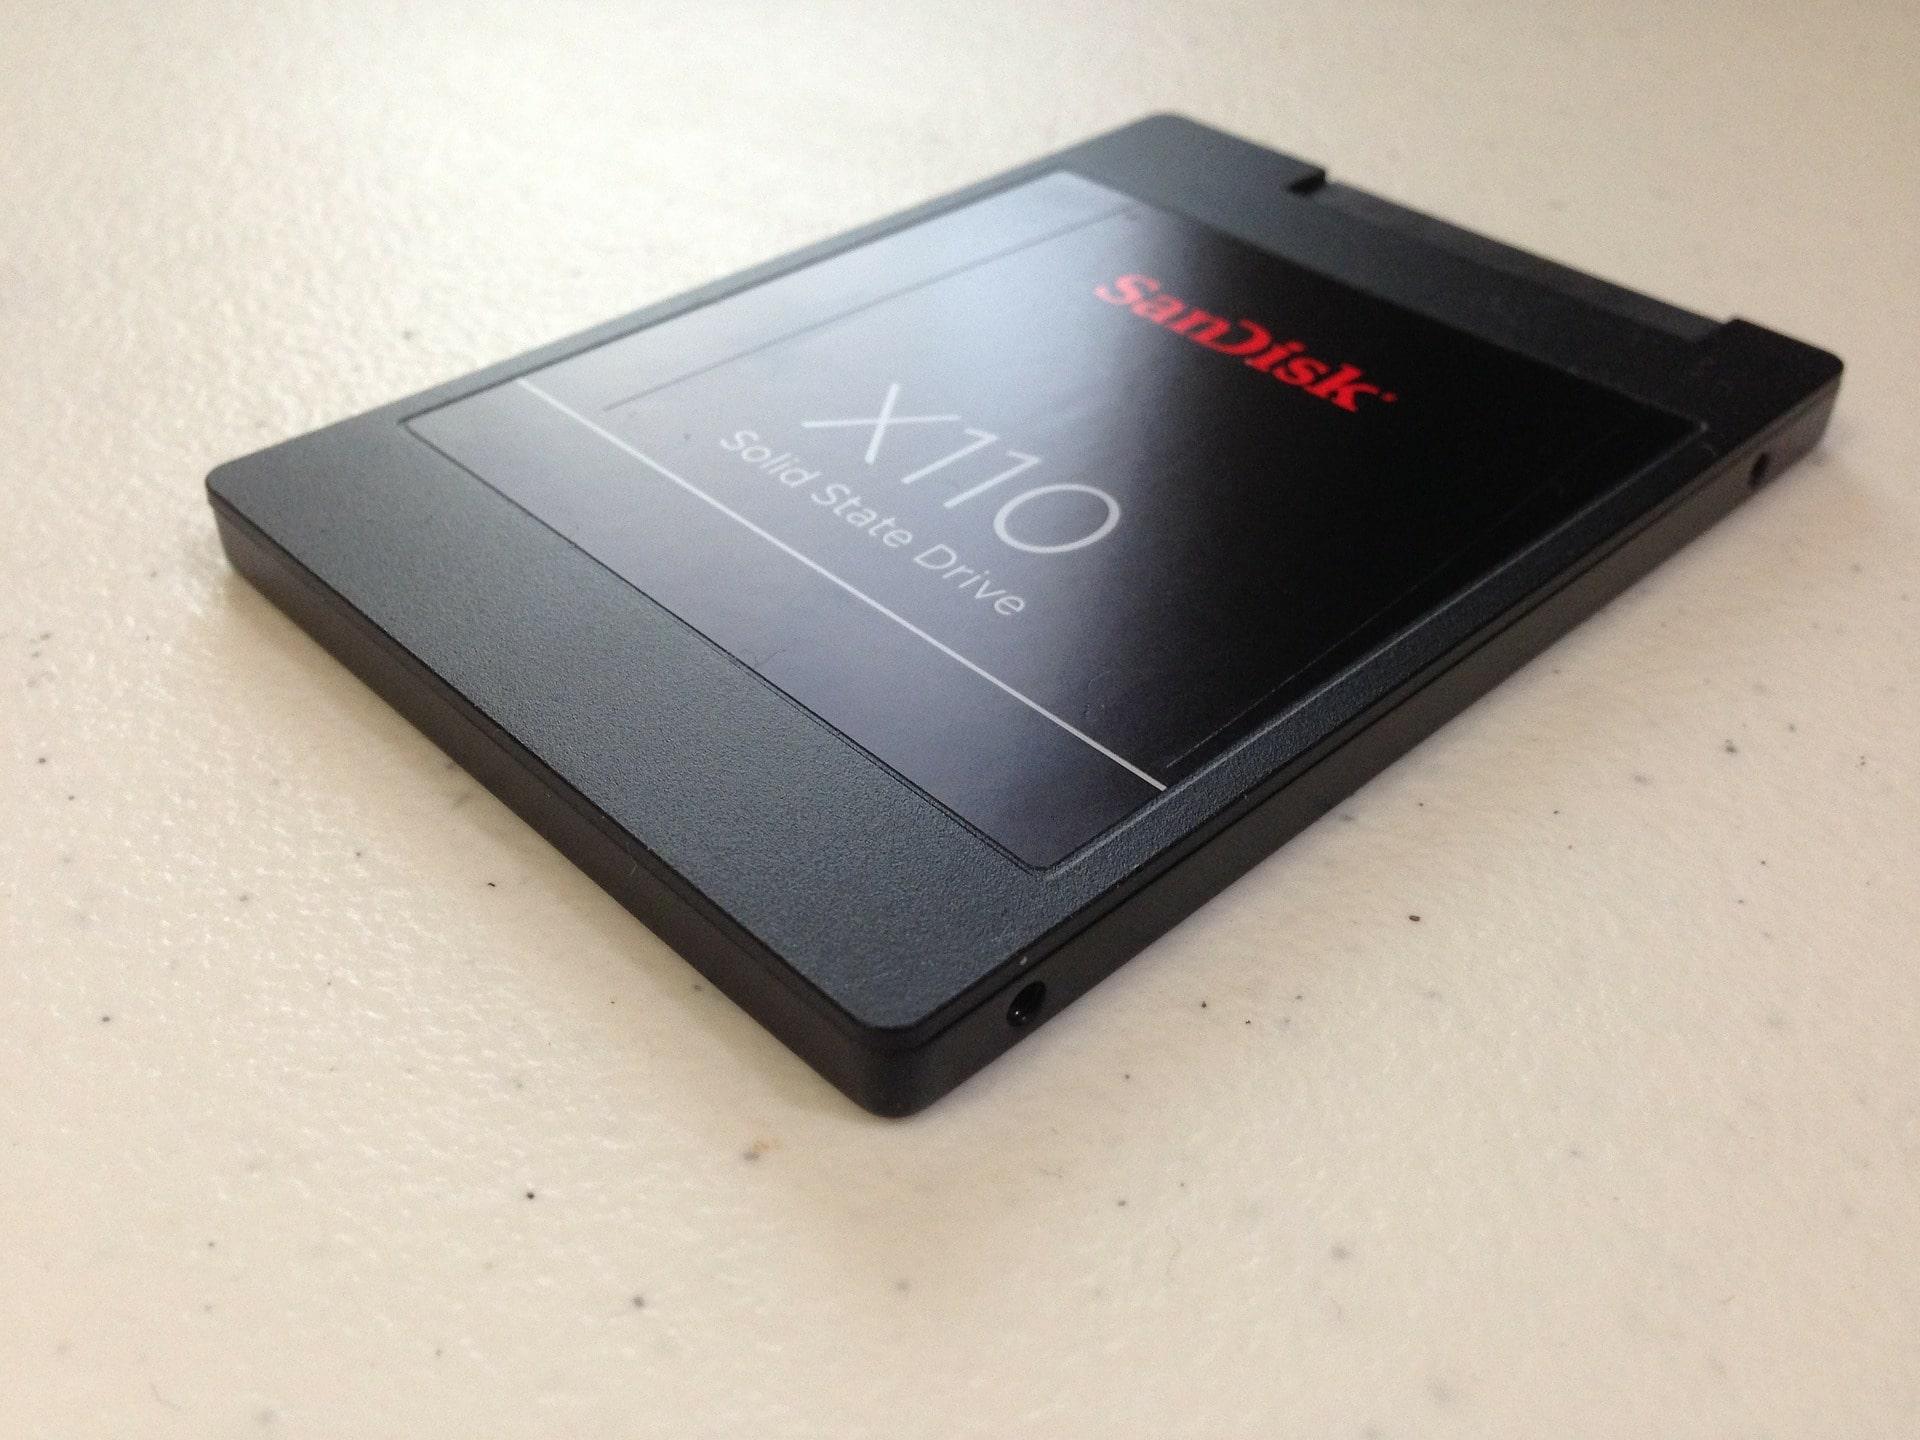 Inilah 6 Kelebihan SSD dibanding HDD yang Perlu Anda Ketahui